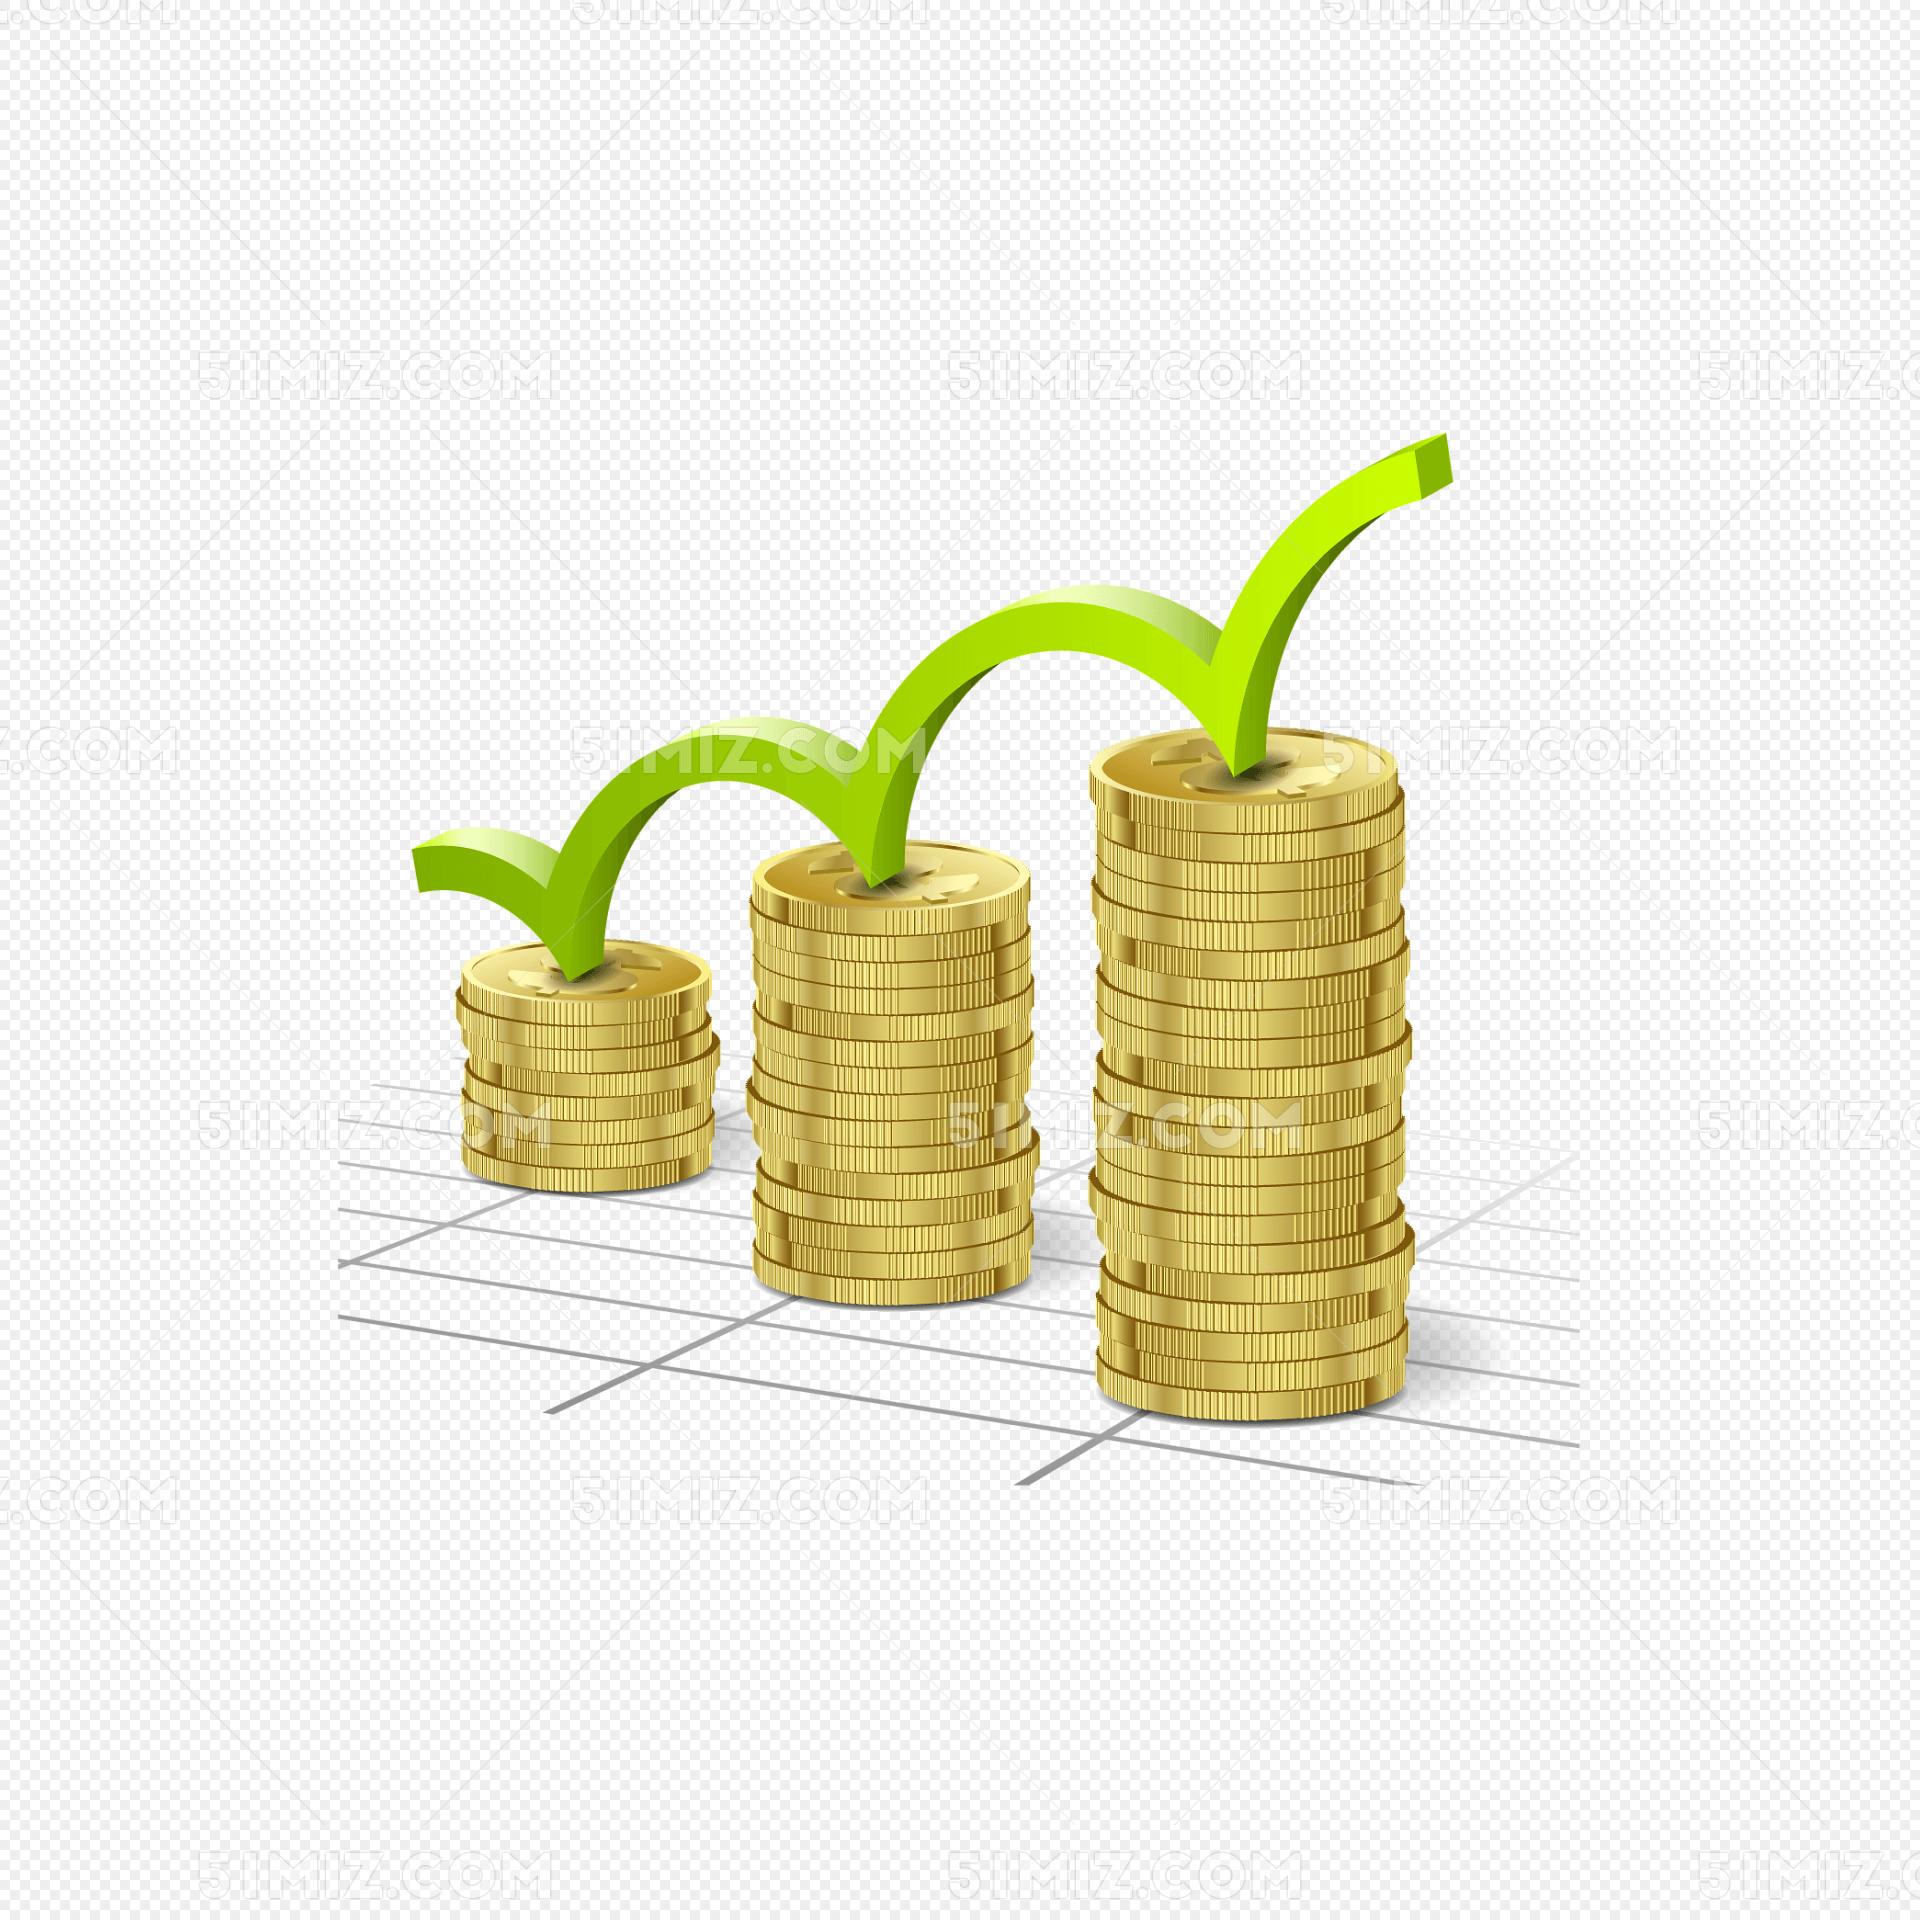 创意金融货币背景矢量素材